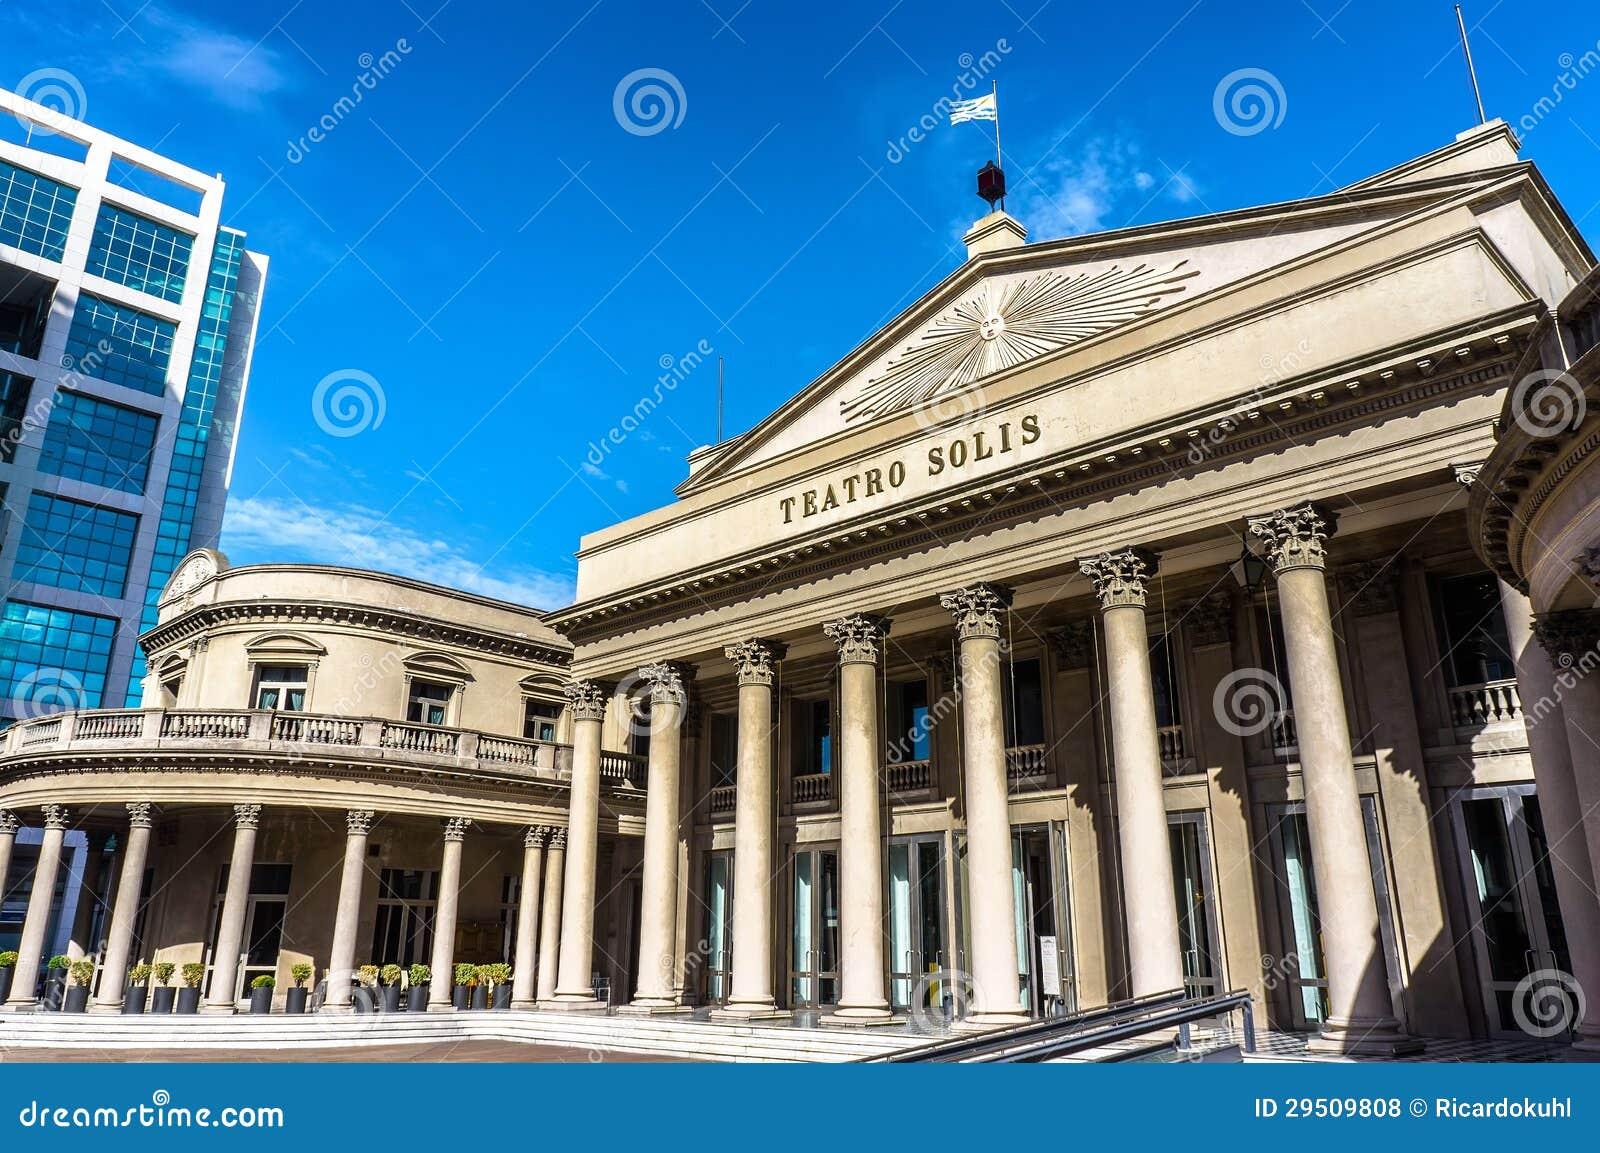 De operawoningbouw van Solis van Teatro bij blauwe hemel in Montevideo